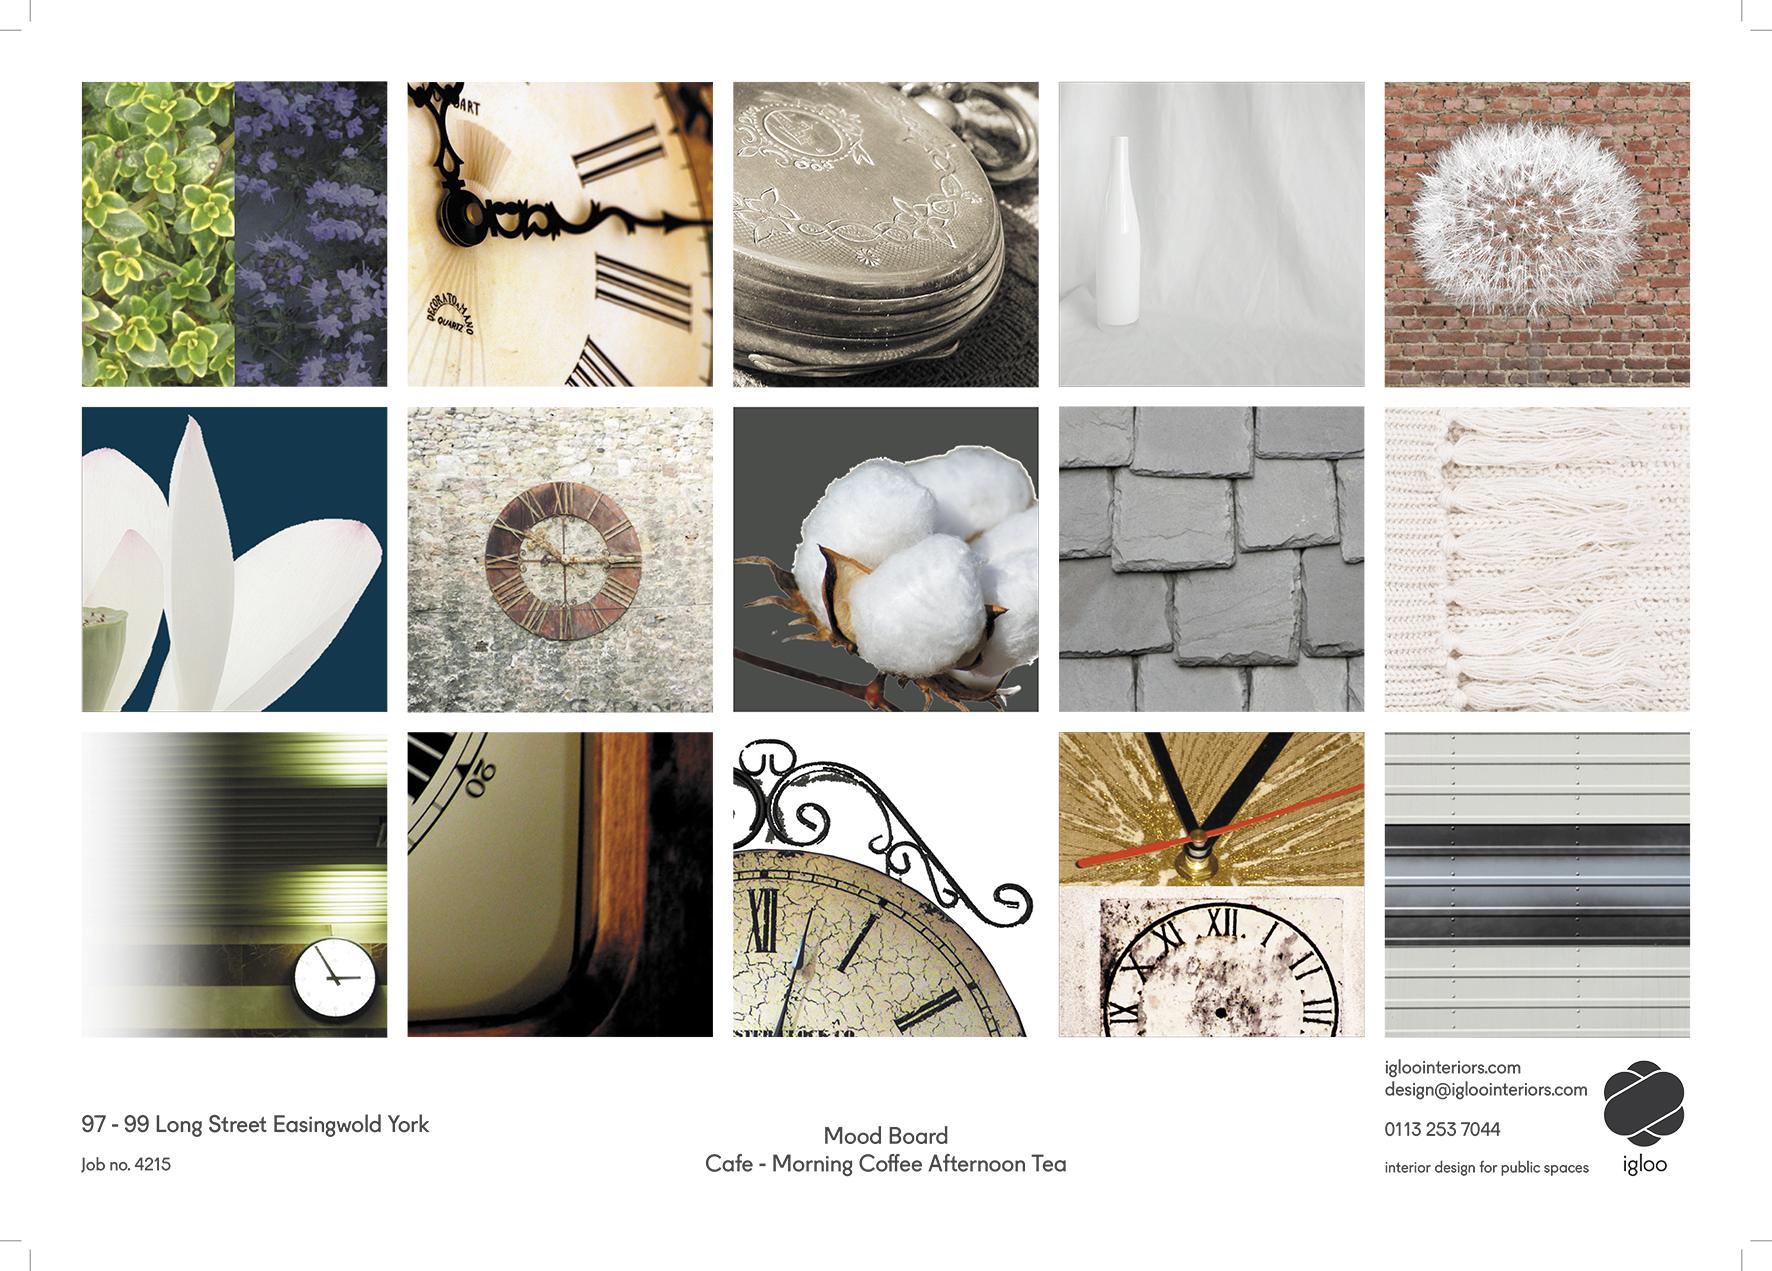 Visual Concept / Mood Board